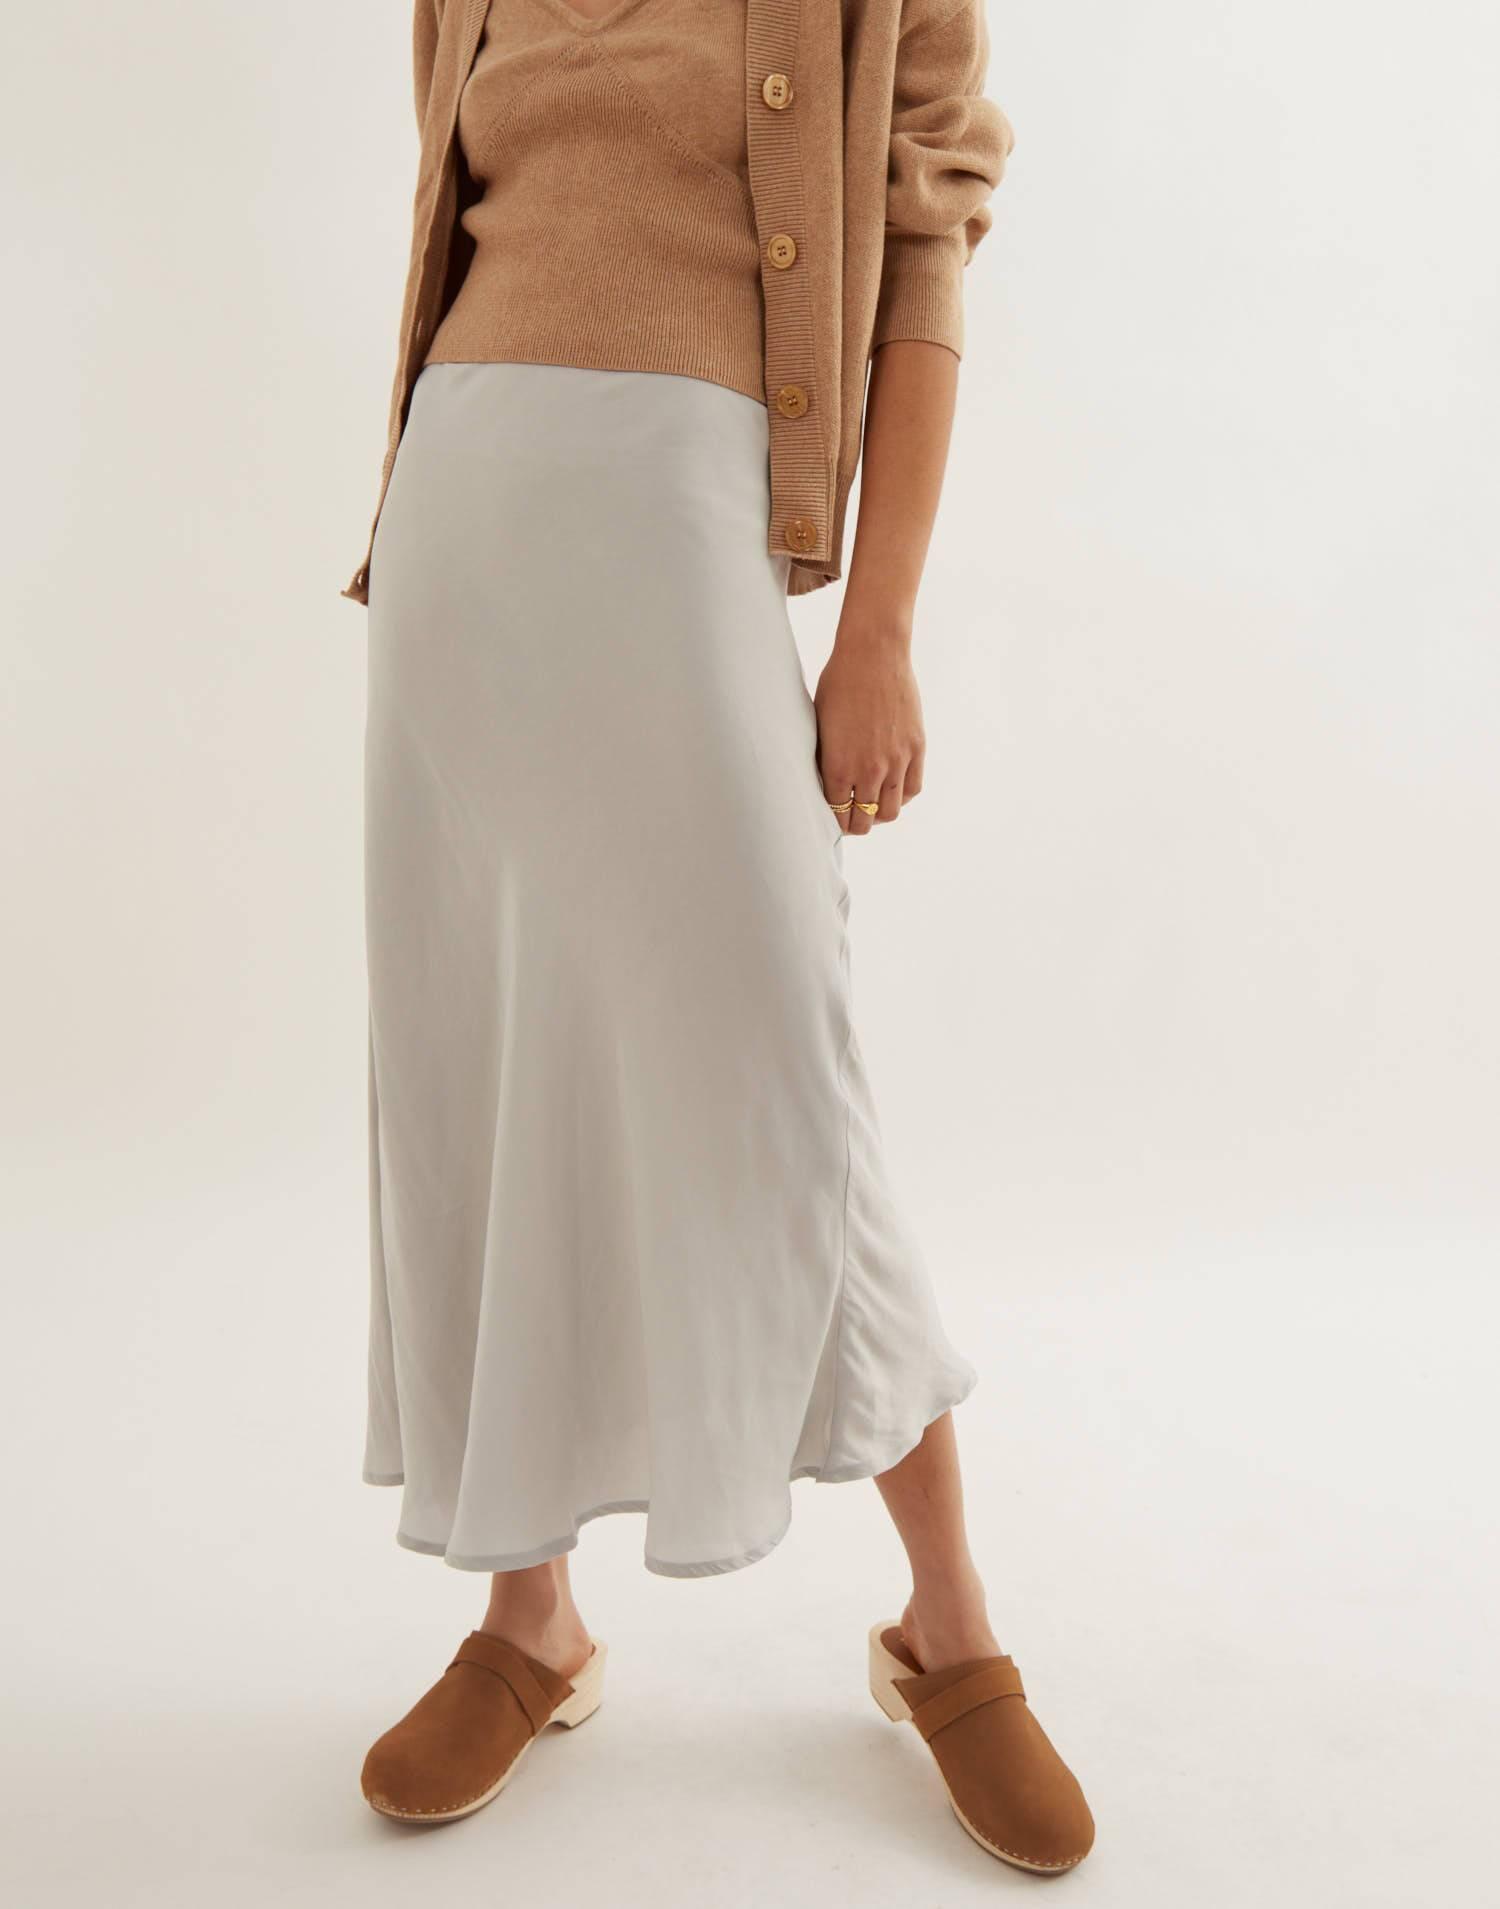 Falda midi lisa